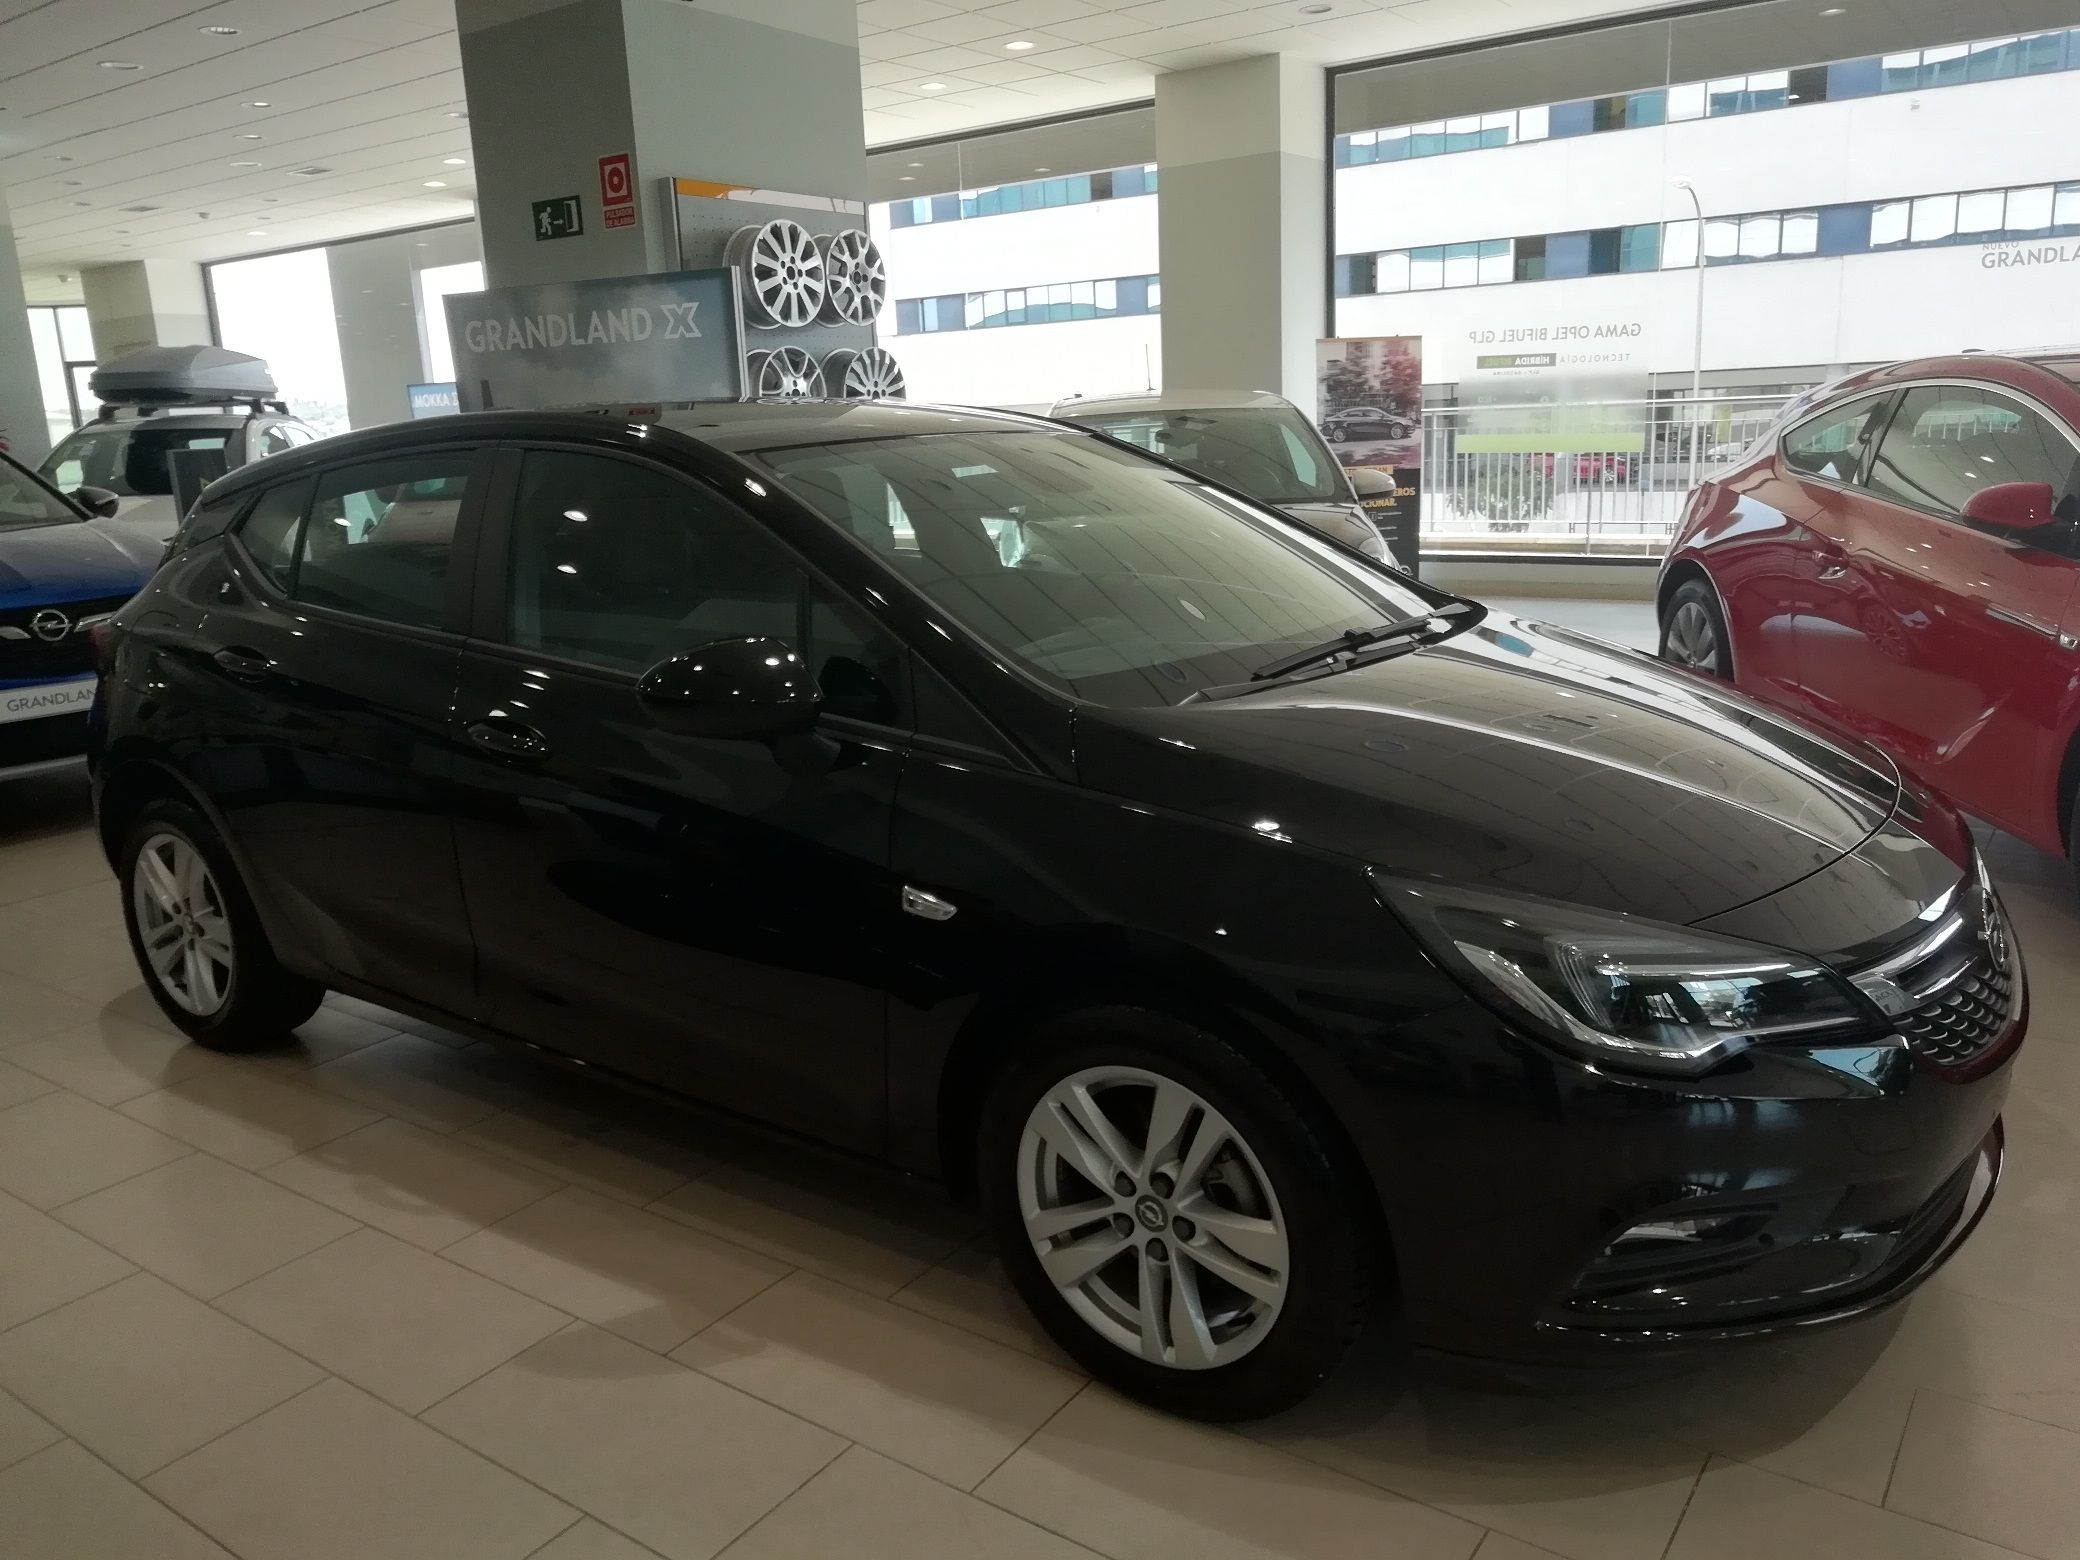 Opel Astra Selective 1.6 110cv - Oferta Mes 14.190€ !!!!!!!!!!